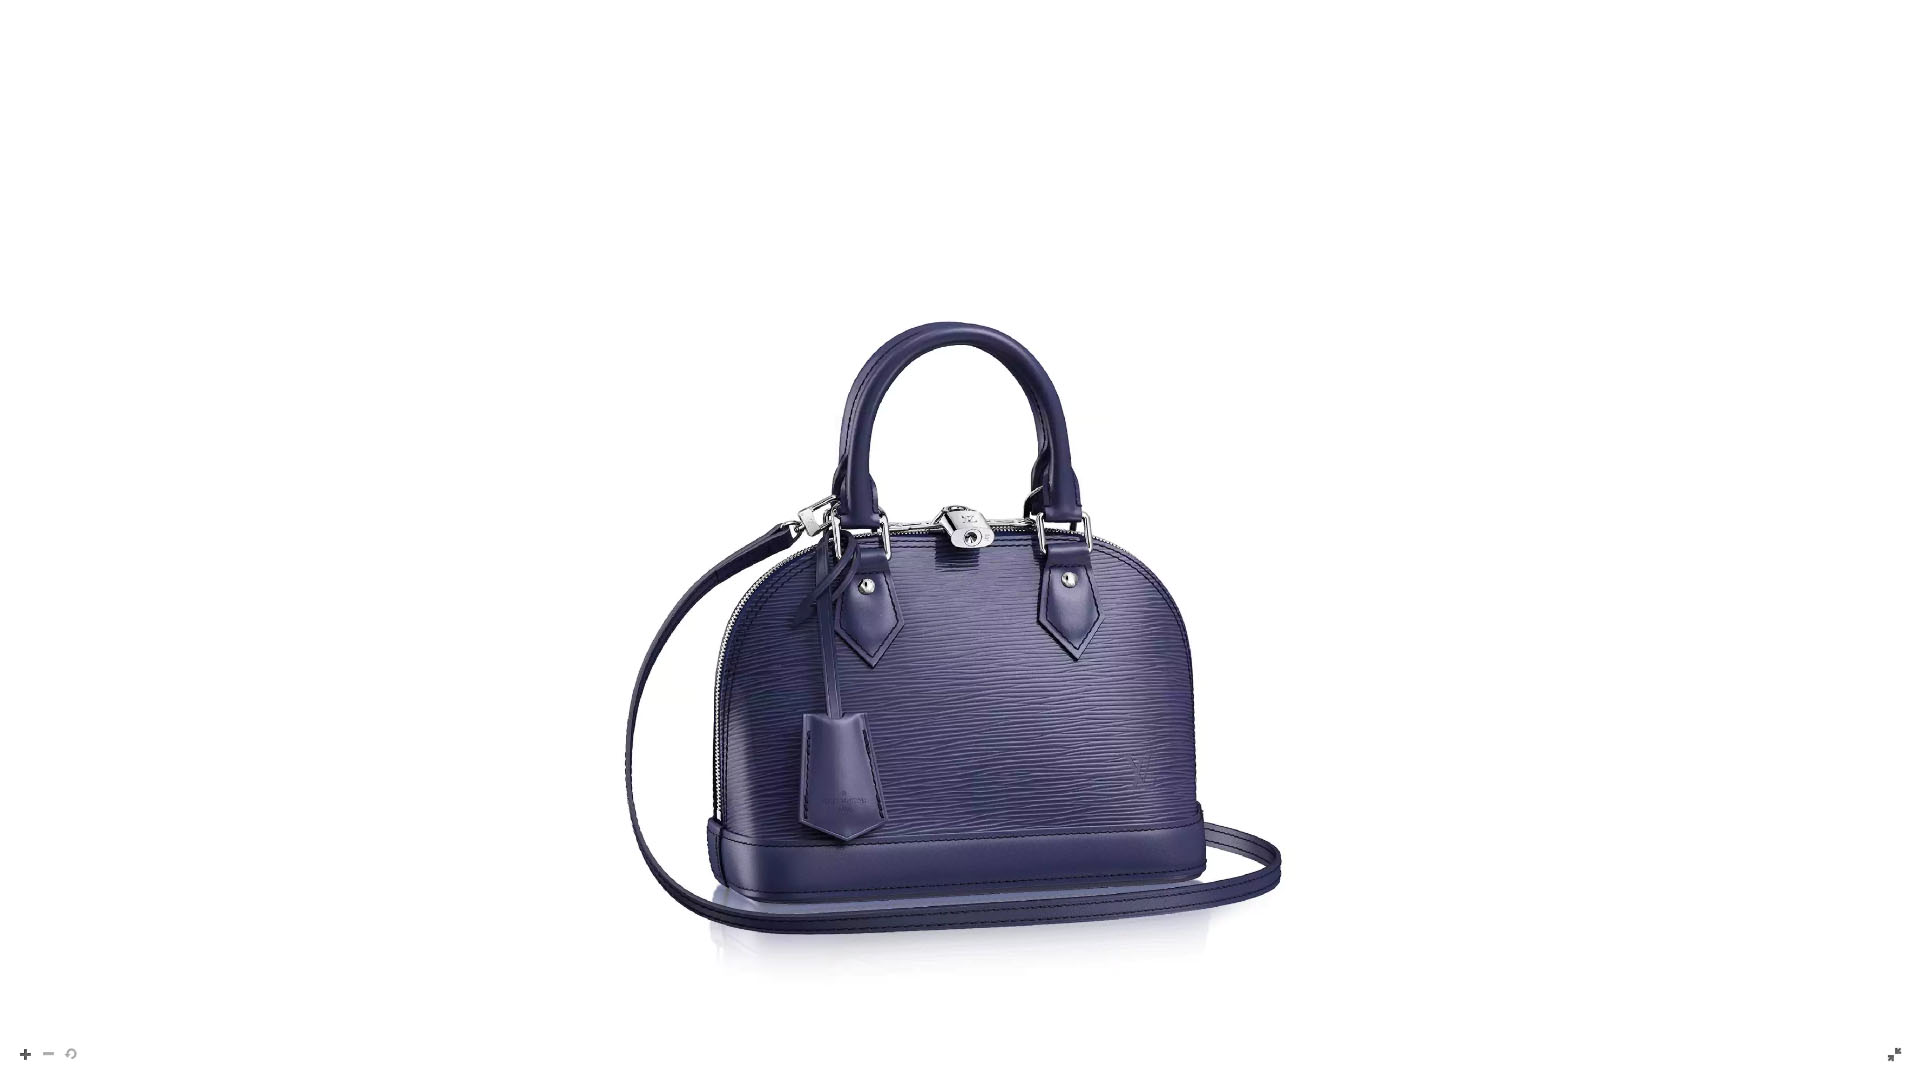 """El modelo """"Alma BB"""" está inspirado en una original pieza del Art Decó del año 1934. Es tan pequeña esta pieza que solamente entra un juego de llaves, billetera -pequeña-, el celular y un labial. Creada en Epi Cuero y una correa en el mismo tono que el bolso (Louis Vuitton)"""